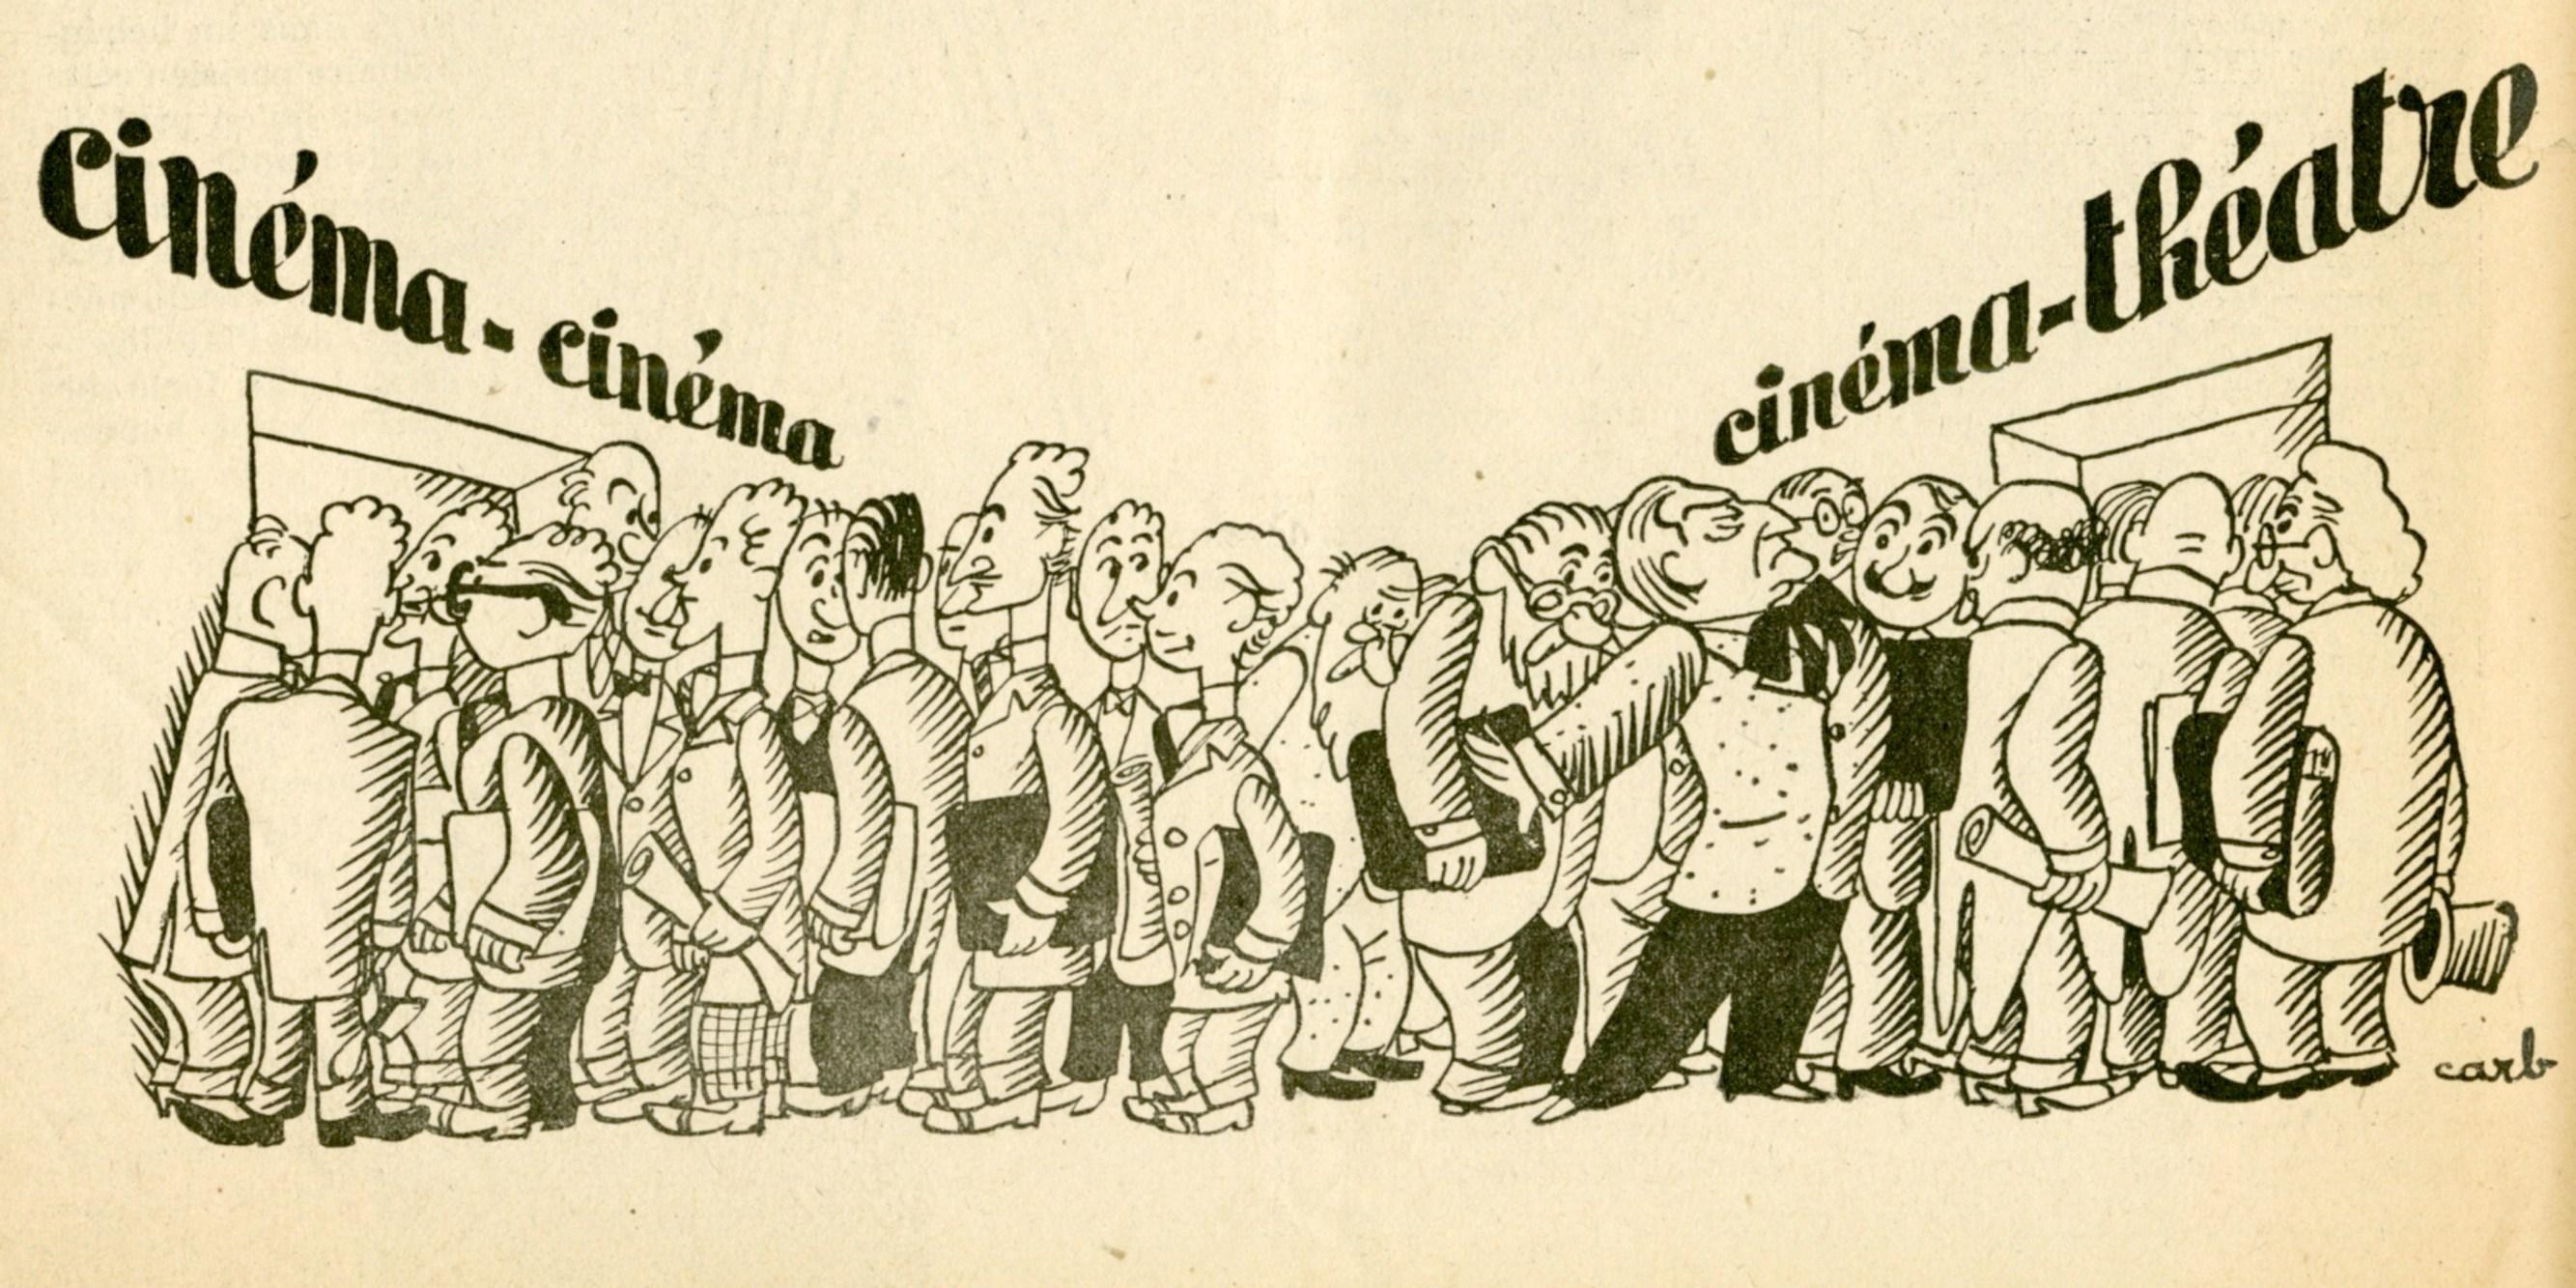 Dessin humoristique de Carb, représentant les partisans du « cinéma-cinéma » opposés au « cinéma-théâtre » : on voit très nettement Sacha Guitry dans le camp du cinéma-théâtre, mais pas Pagnol ! (Les Cahiers du film n°40 de novembre 1942)